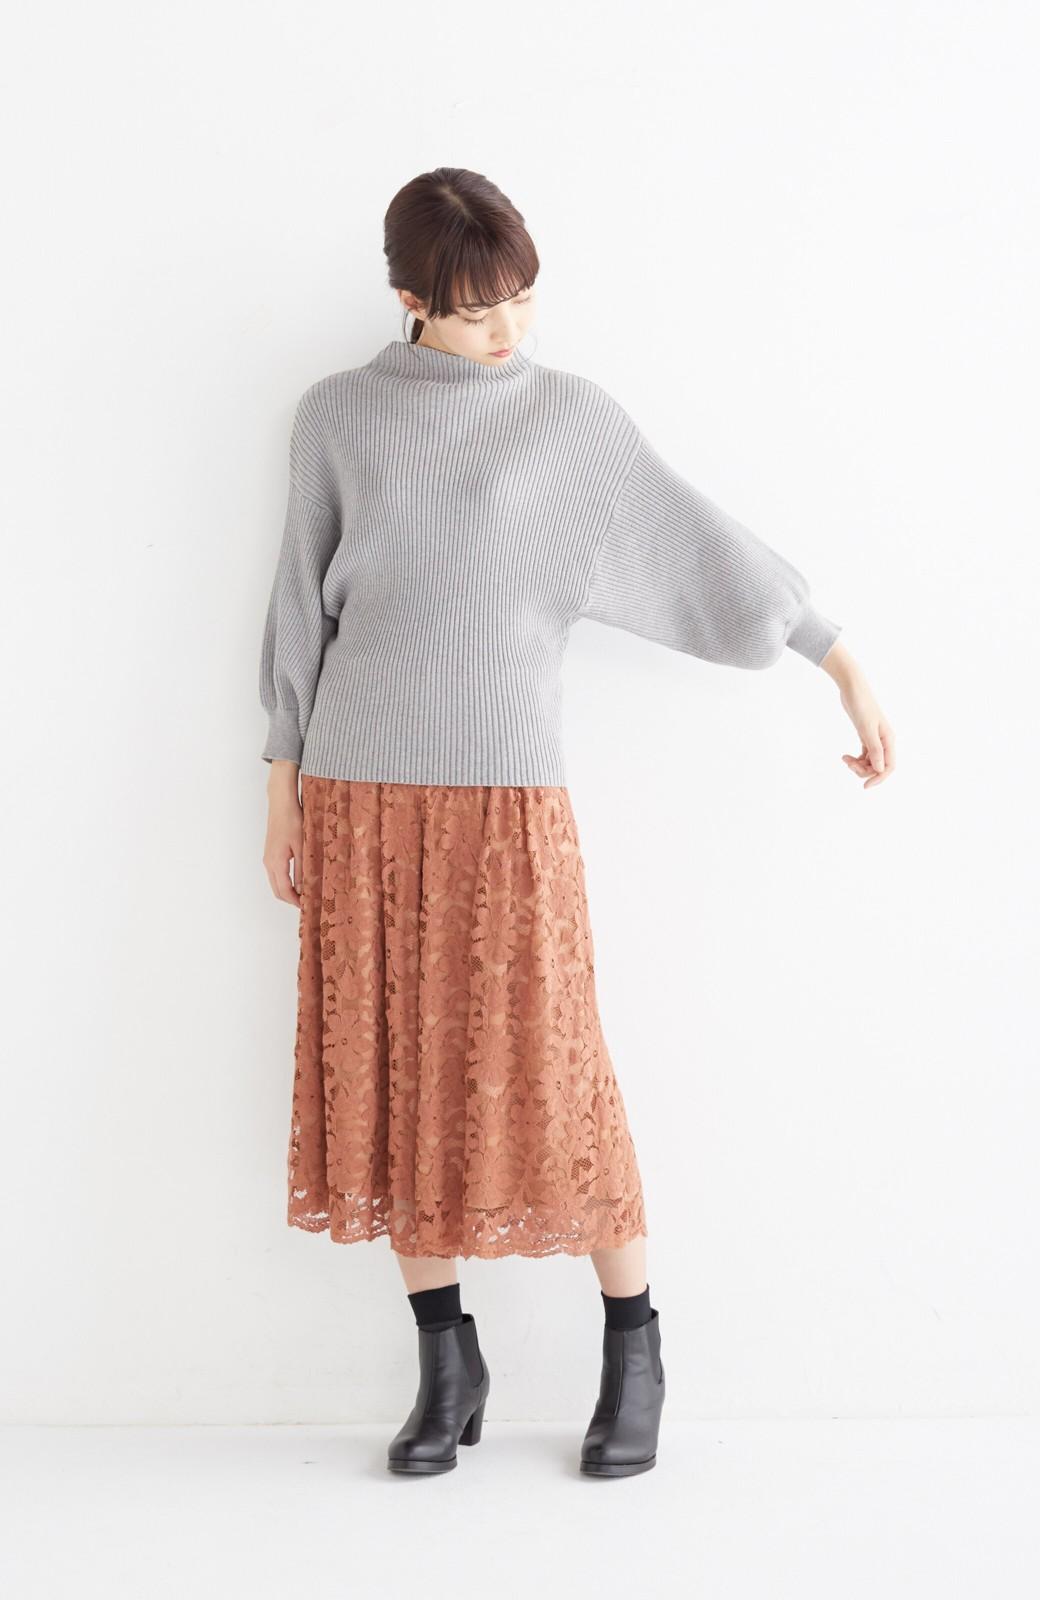 エムトロワ PBP 素肌に贅沢 カシミア混のオーガニックコットン袖ぷっくりリブニット <杢グレー>の商品写真4